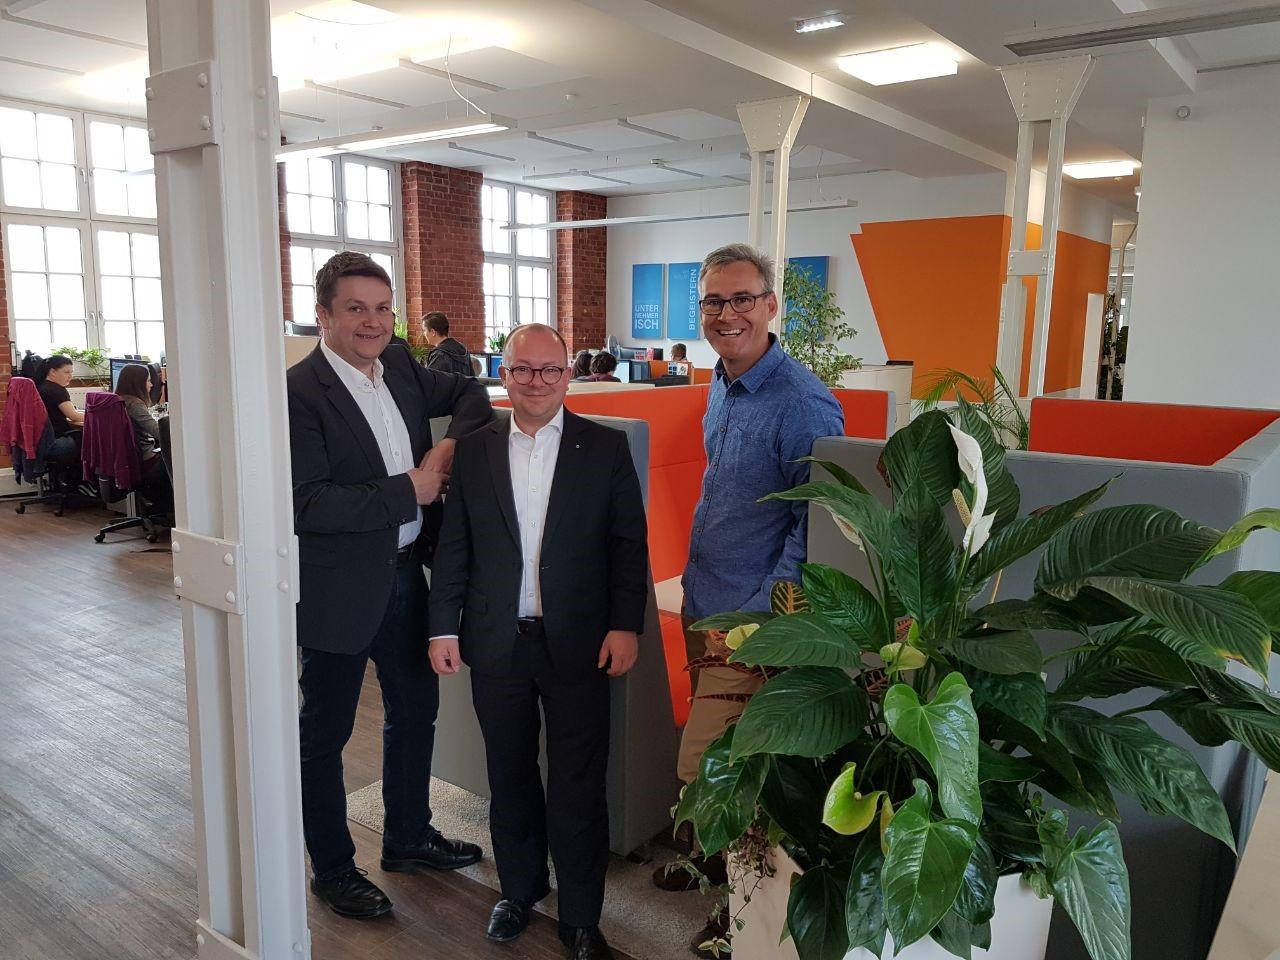 Frank Müller-Rosentritt, MdB: Chemnitz muss Hotspot für Macher und Start-Ups in Europa werden!